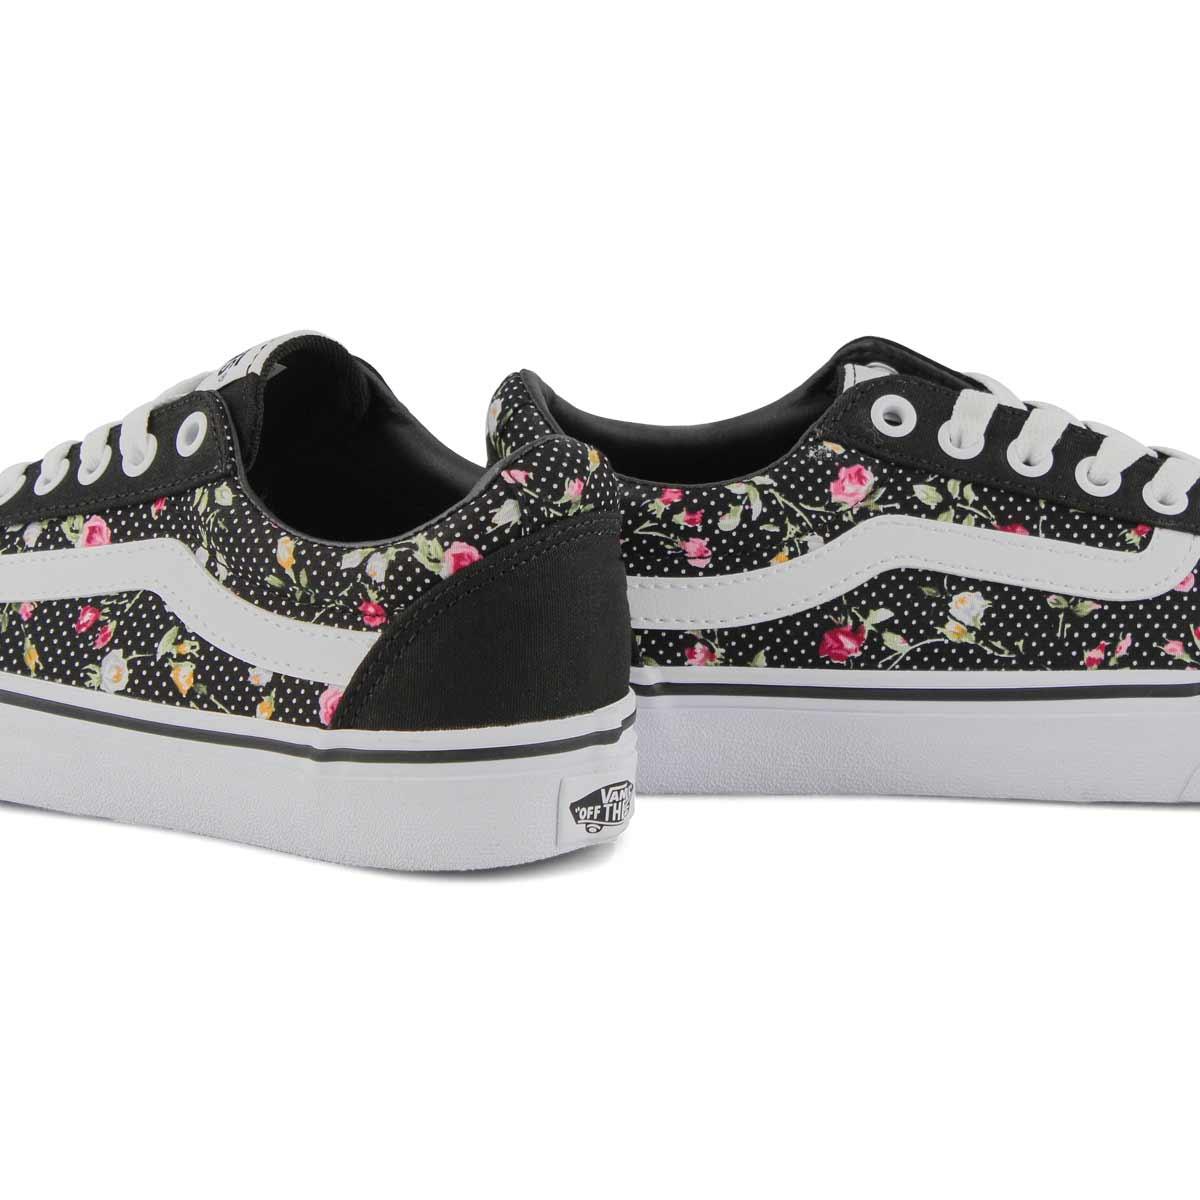 Women's Ward Sneaker - Floral Dot Black/White